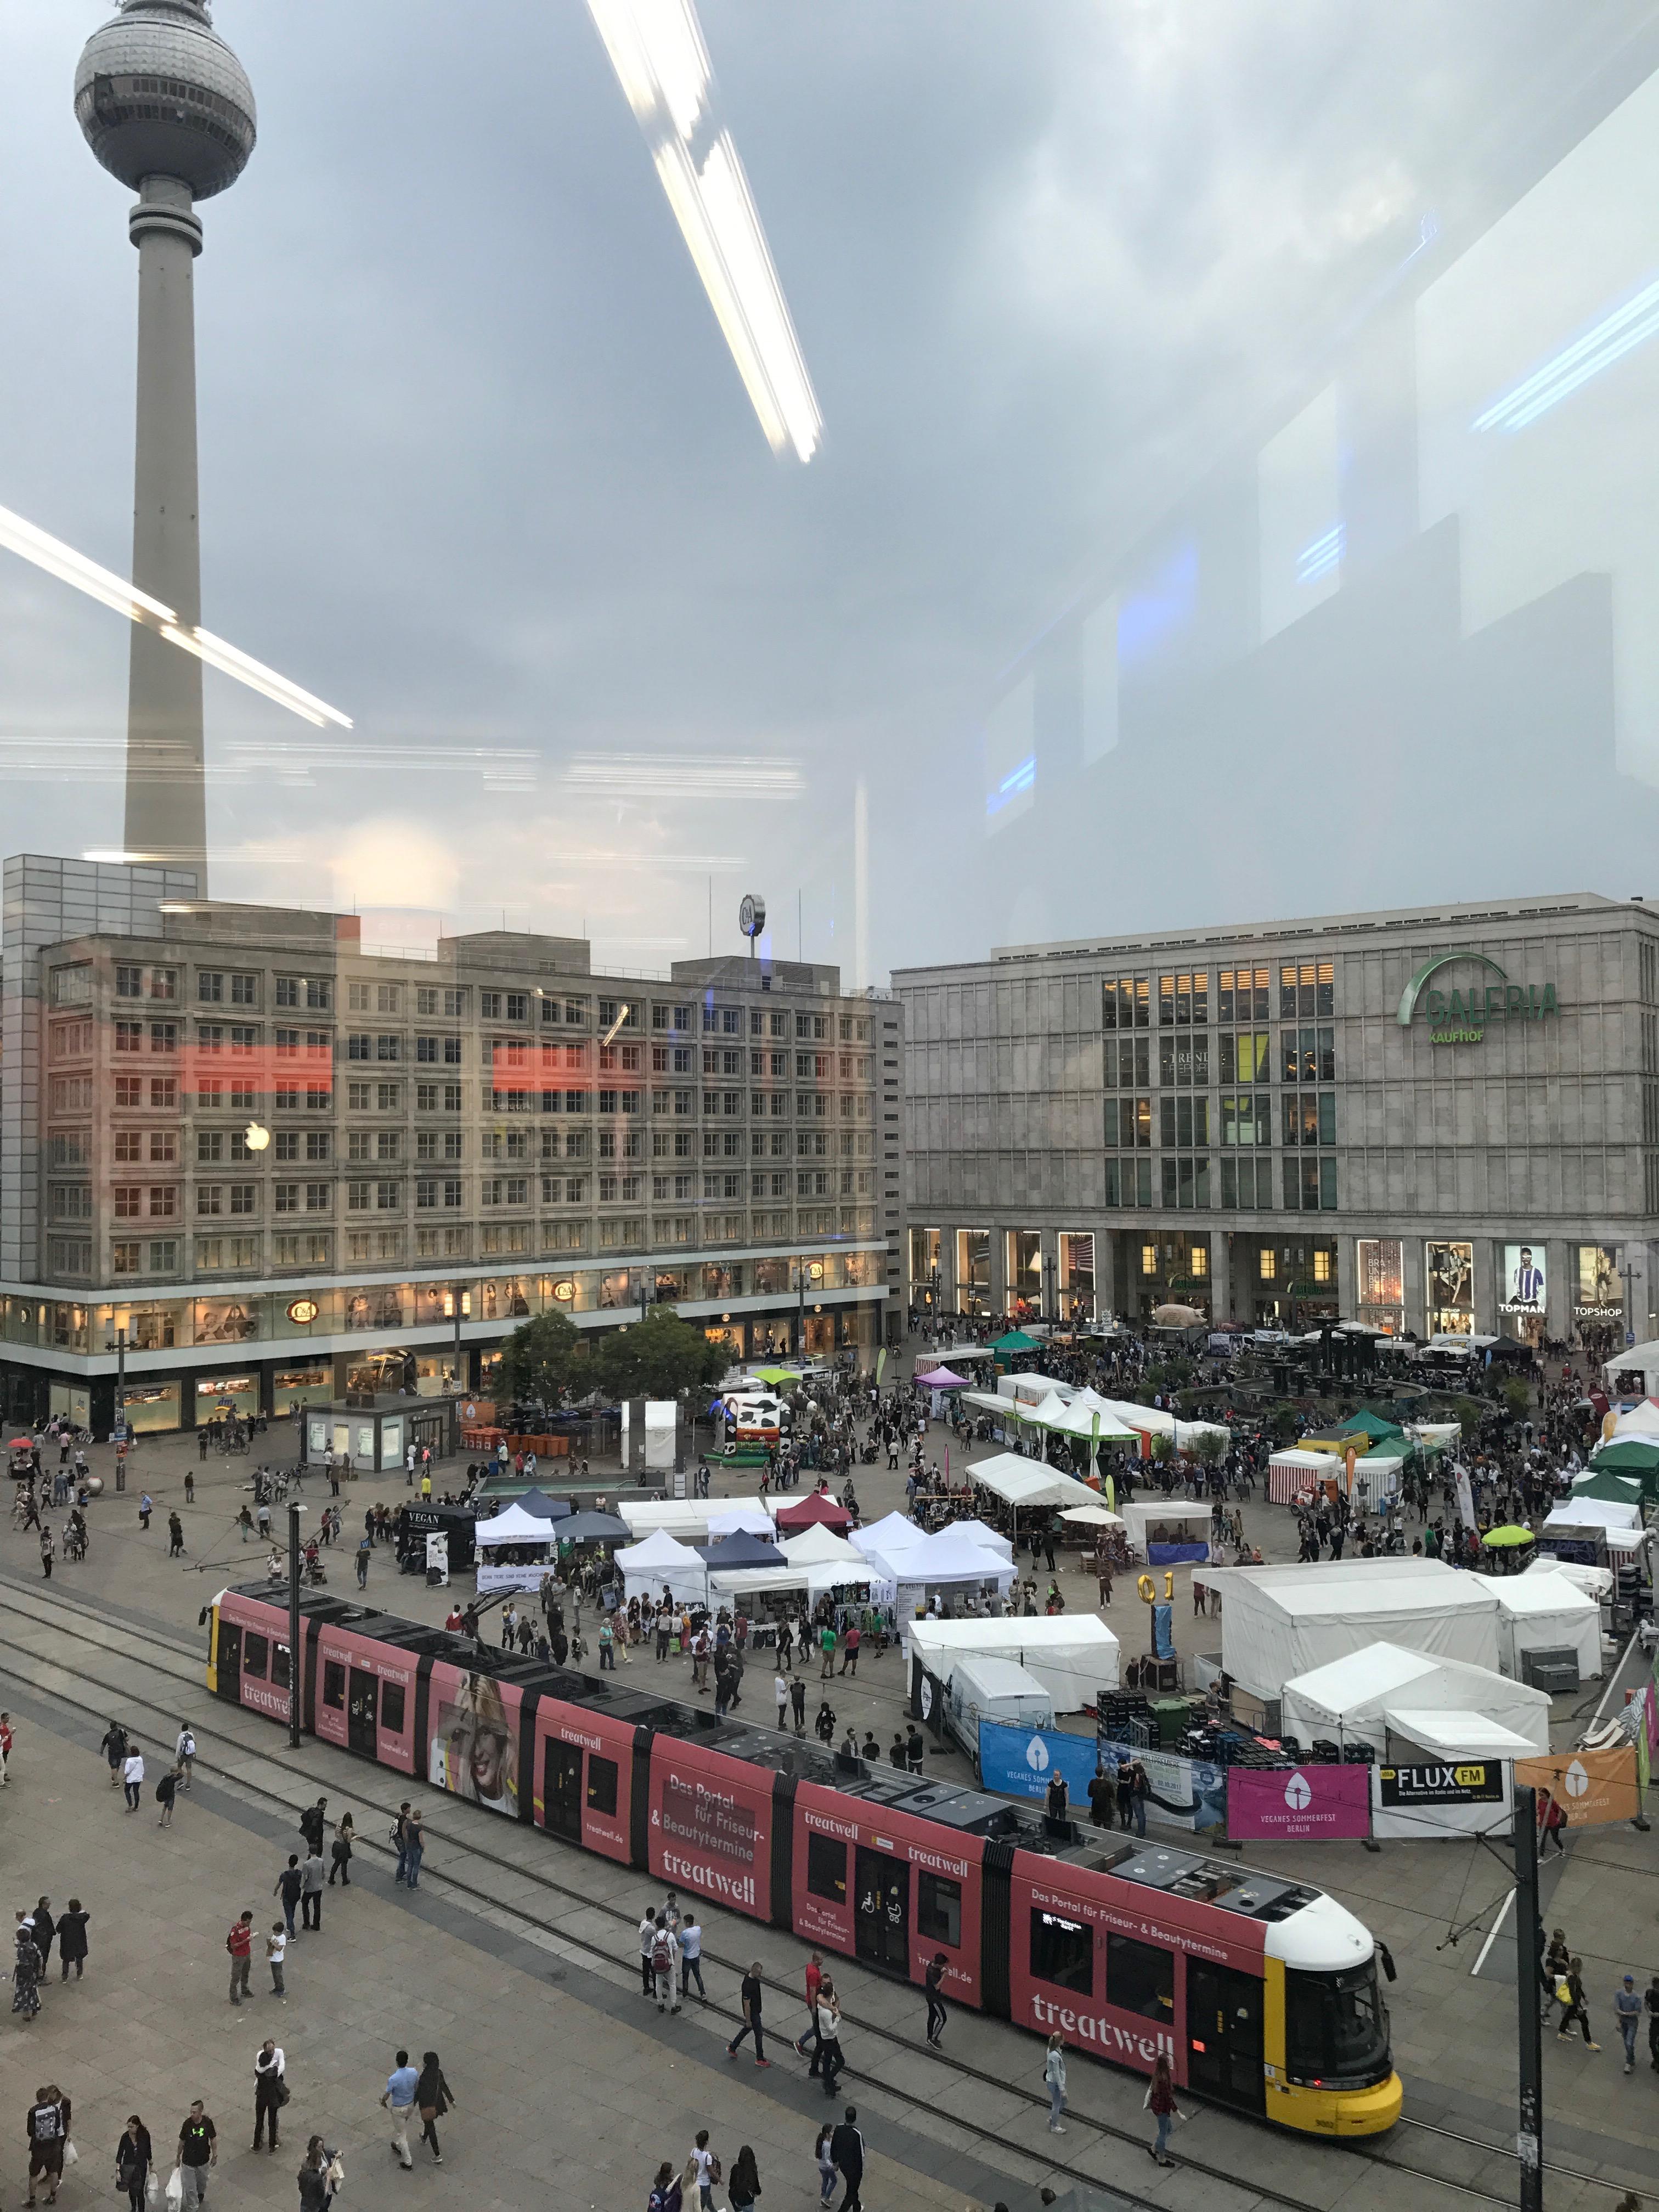 IMG_8139 برلين عاصمة الحرب و السلام , هنا تجدون رحلتي لها مع اهم الاماكن السياحية و الفنادق و الاسواق و بعض المطاعم .